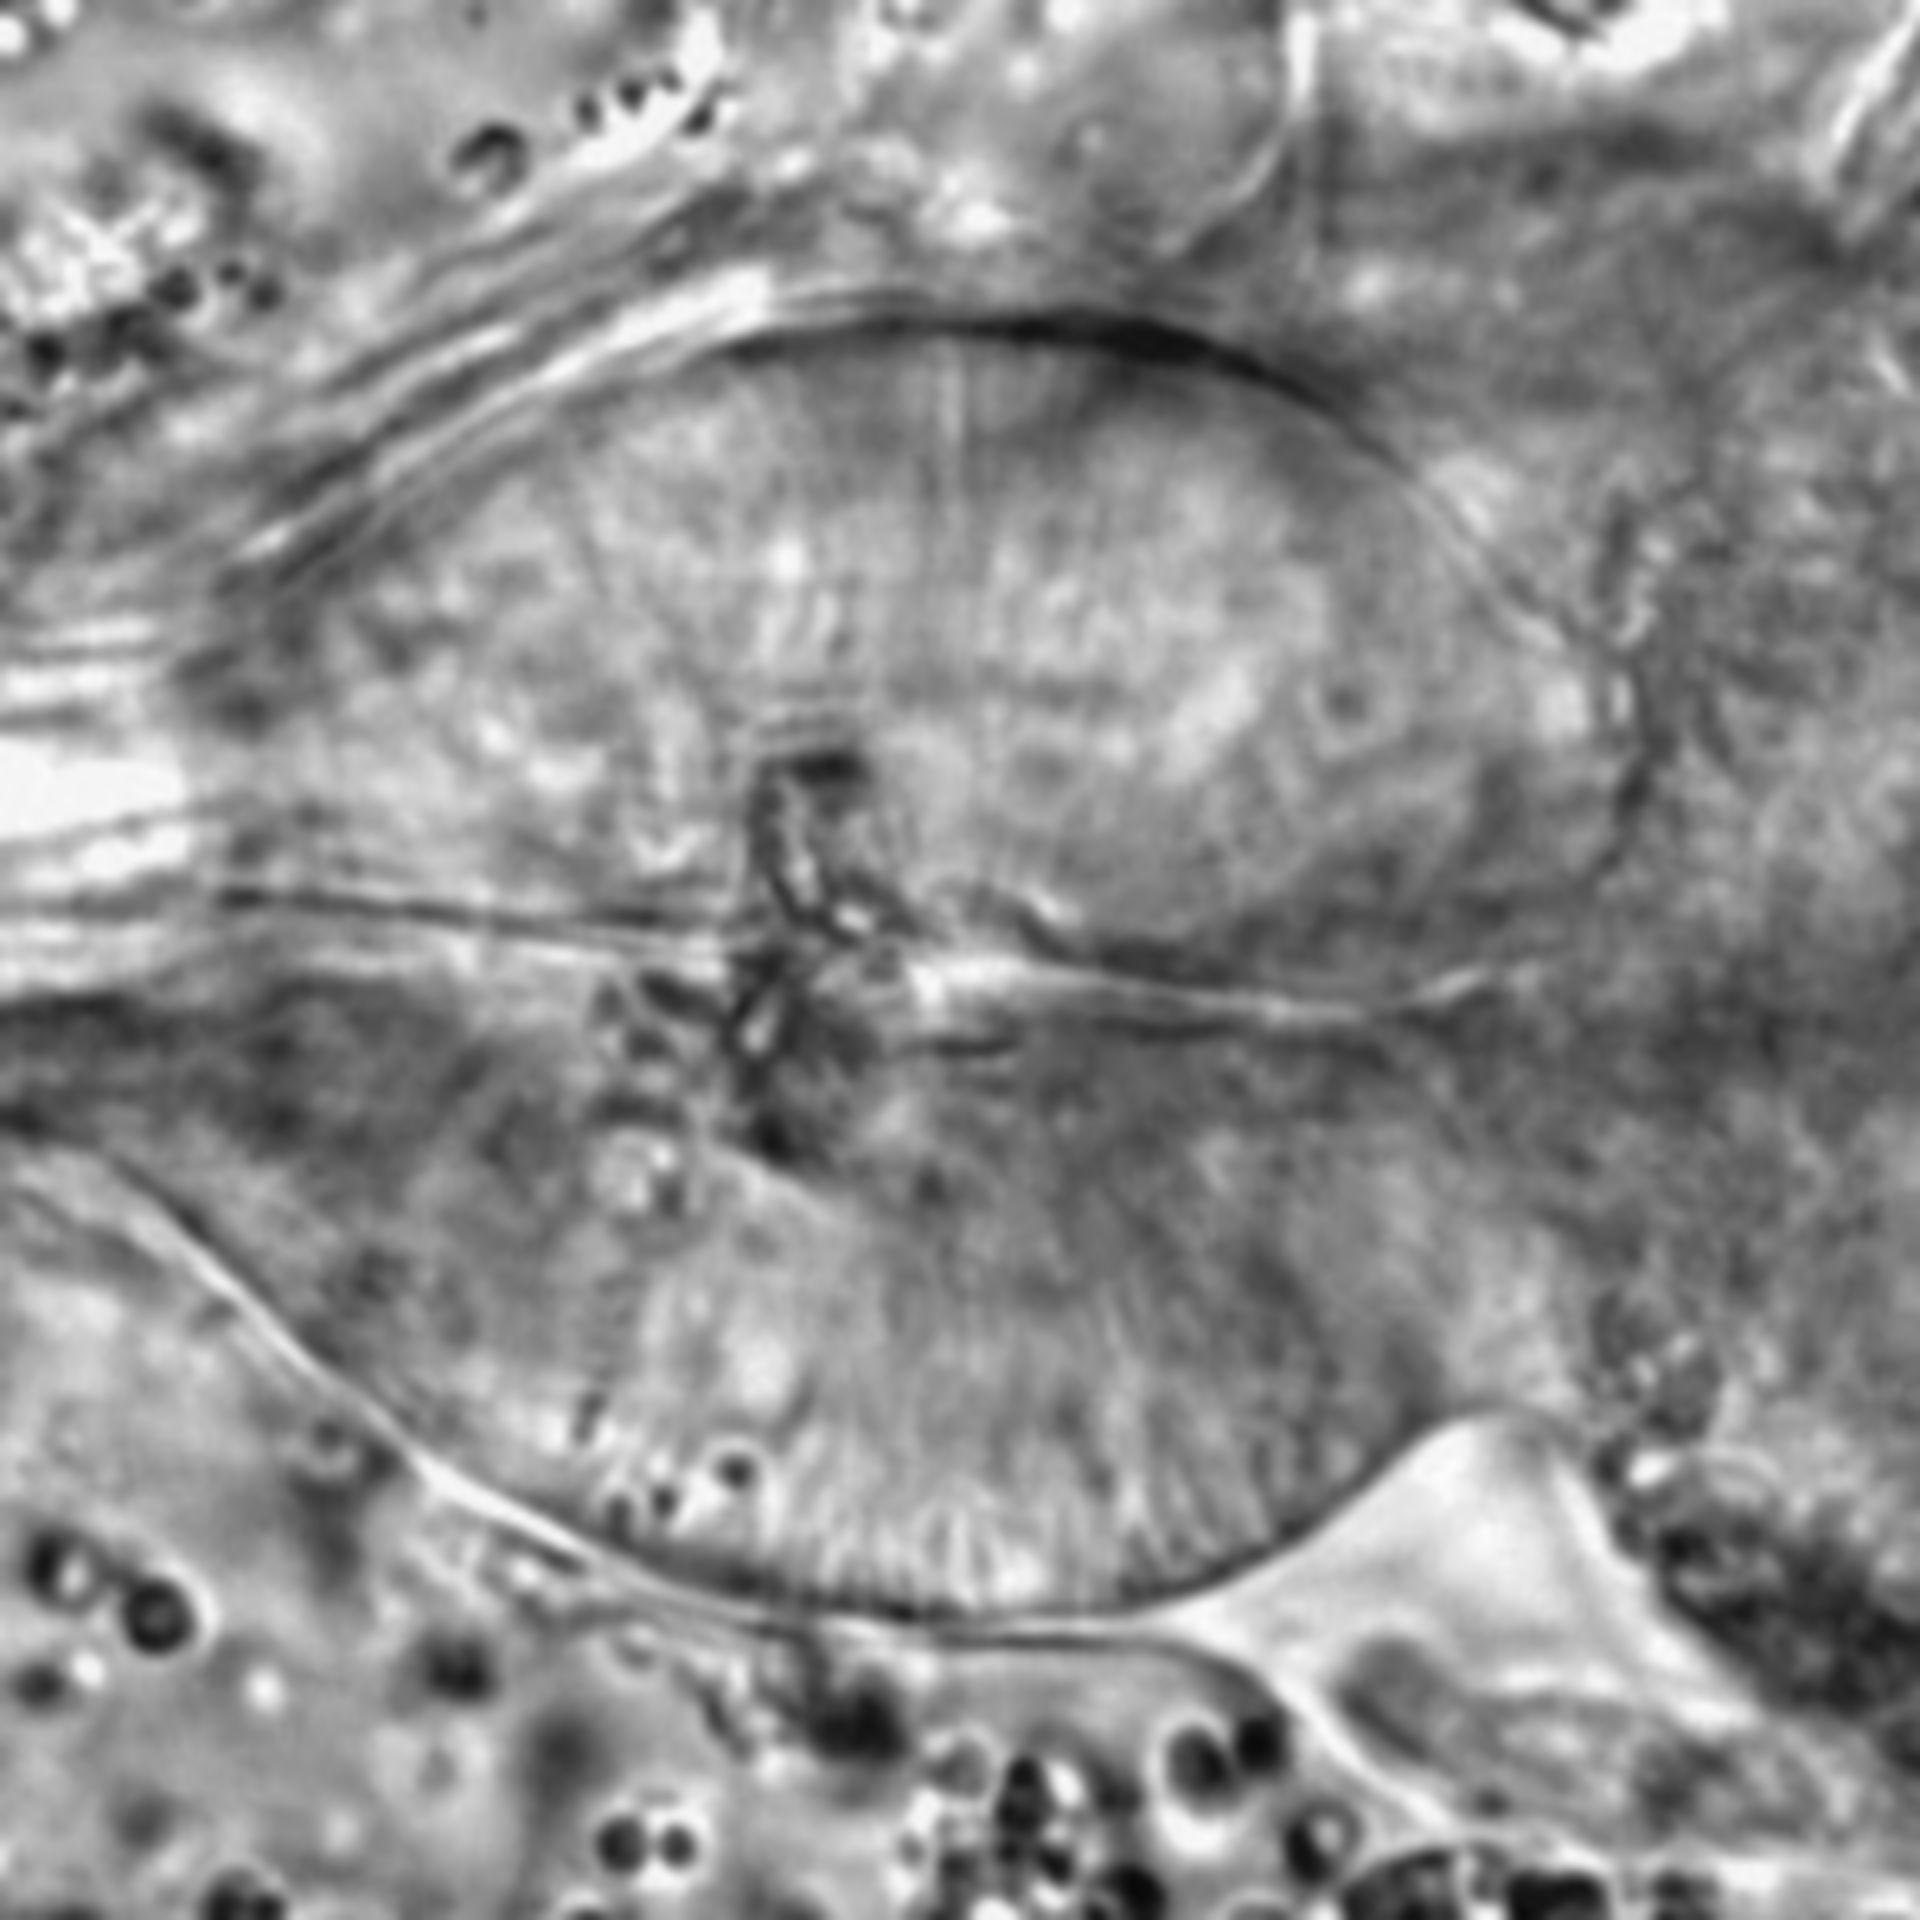 Caenorhabditis elegans - CIL:1702